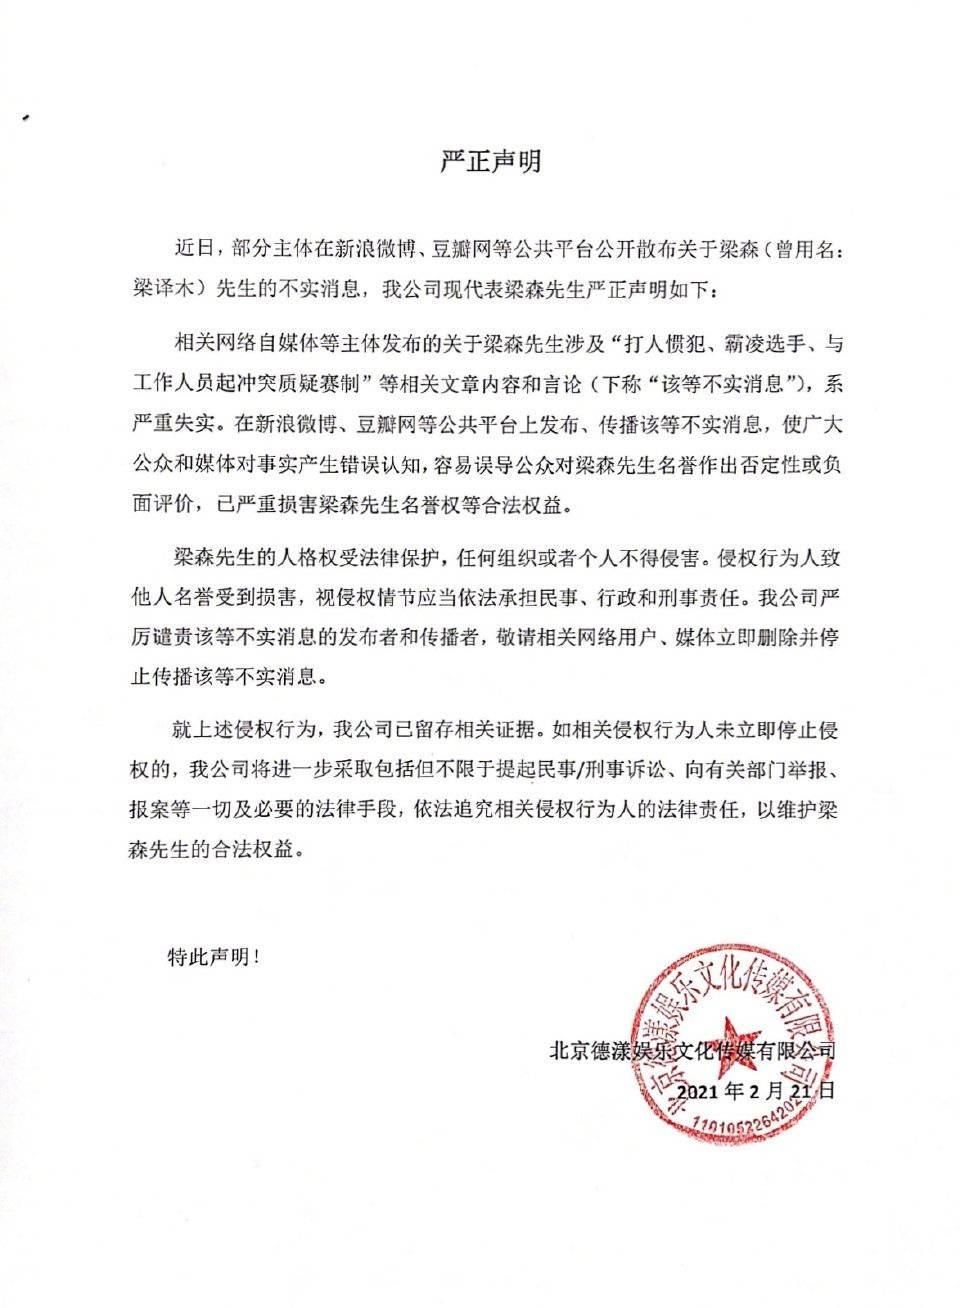 《青春有你3》选手梁森被曝霸凌选手 德漾娱乐:严重失实